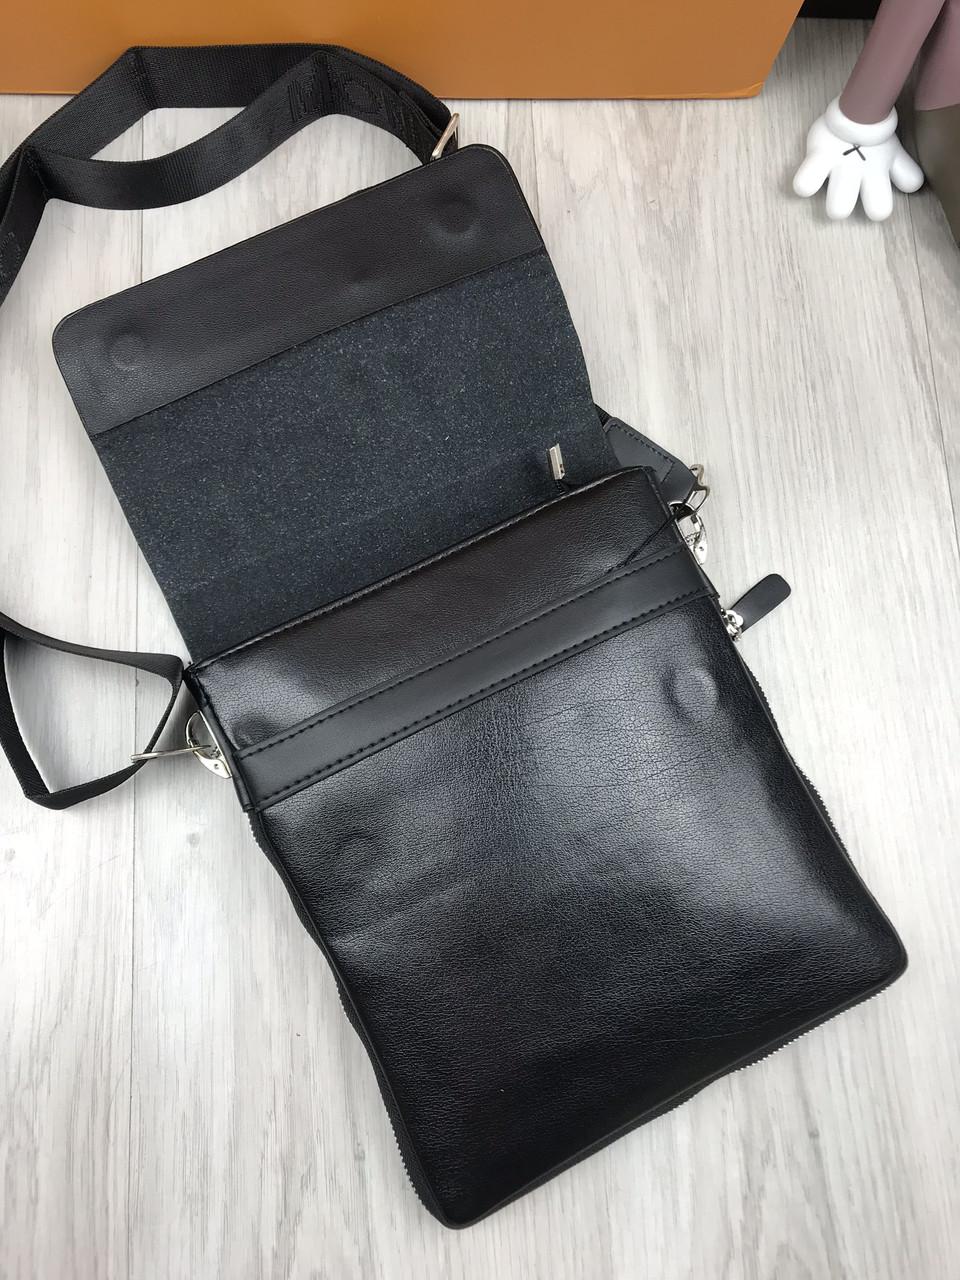 ddd1f25851ca ... Сумка мужская через плечо планшетка брендовая Mont Blanc черная копия  высокого качества, ...